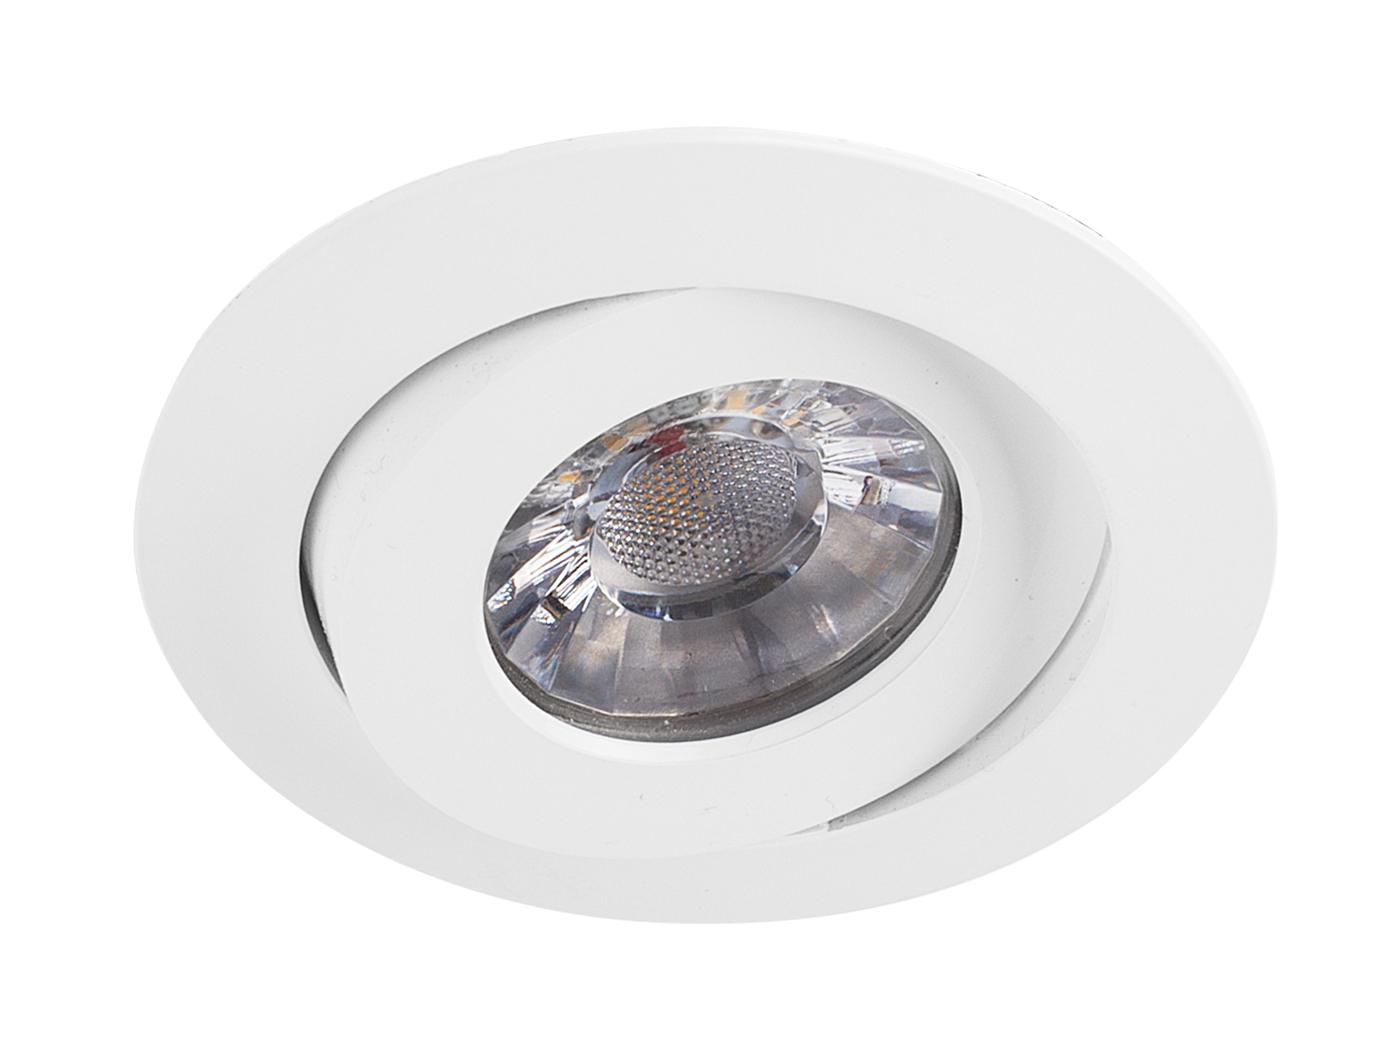 dimmbar Deckenstrahler Einbauleuchte 4 LED Einbaustrahler 4,5W Spot schwenkbar